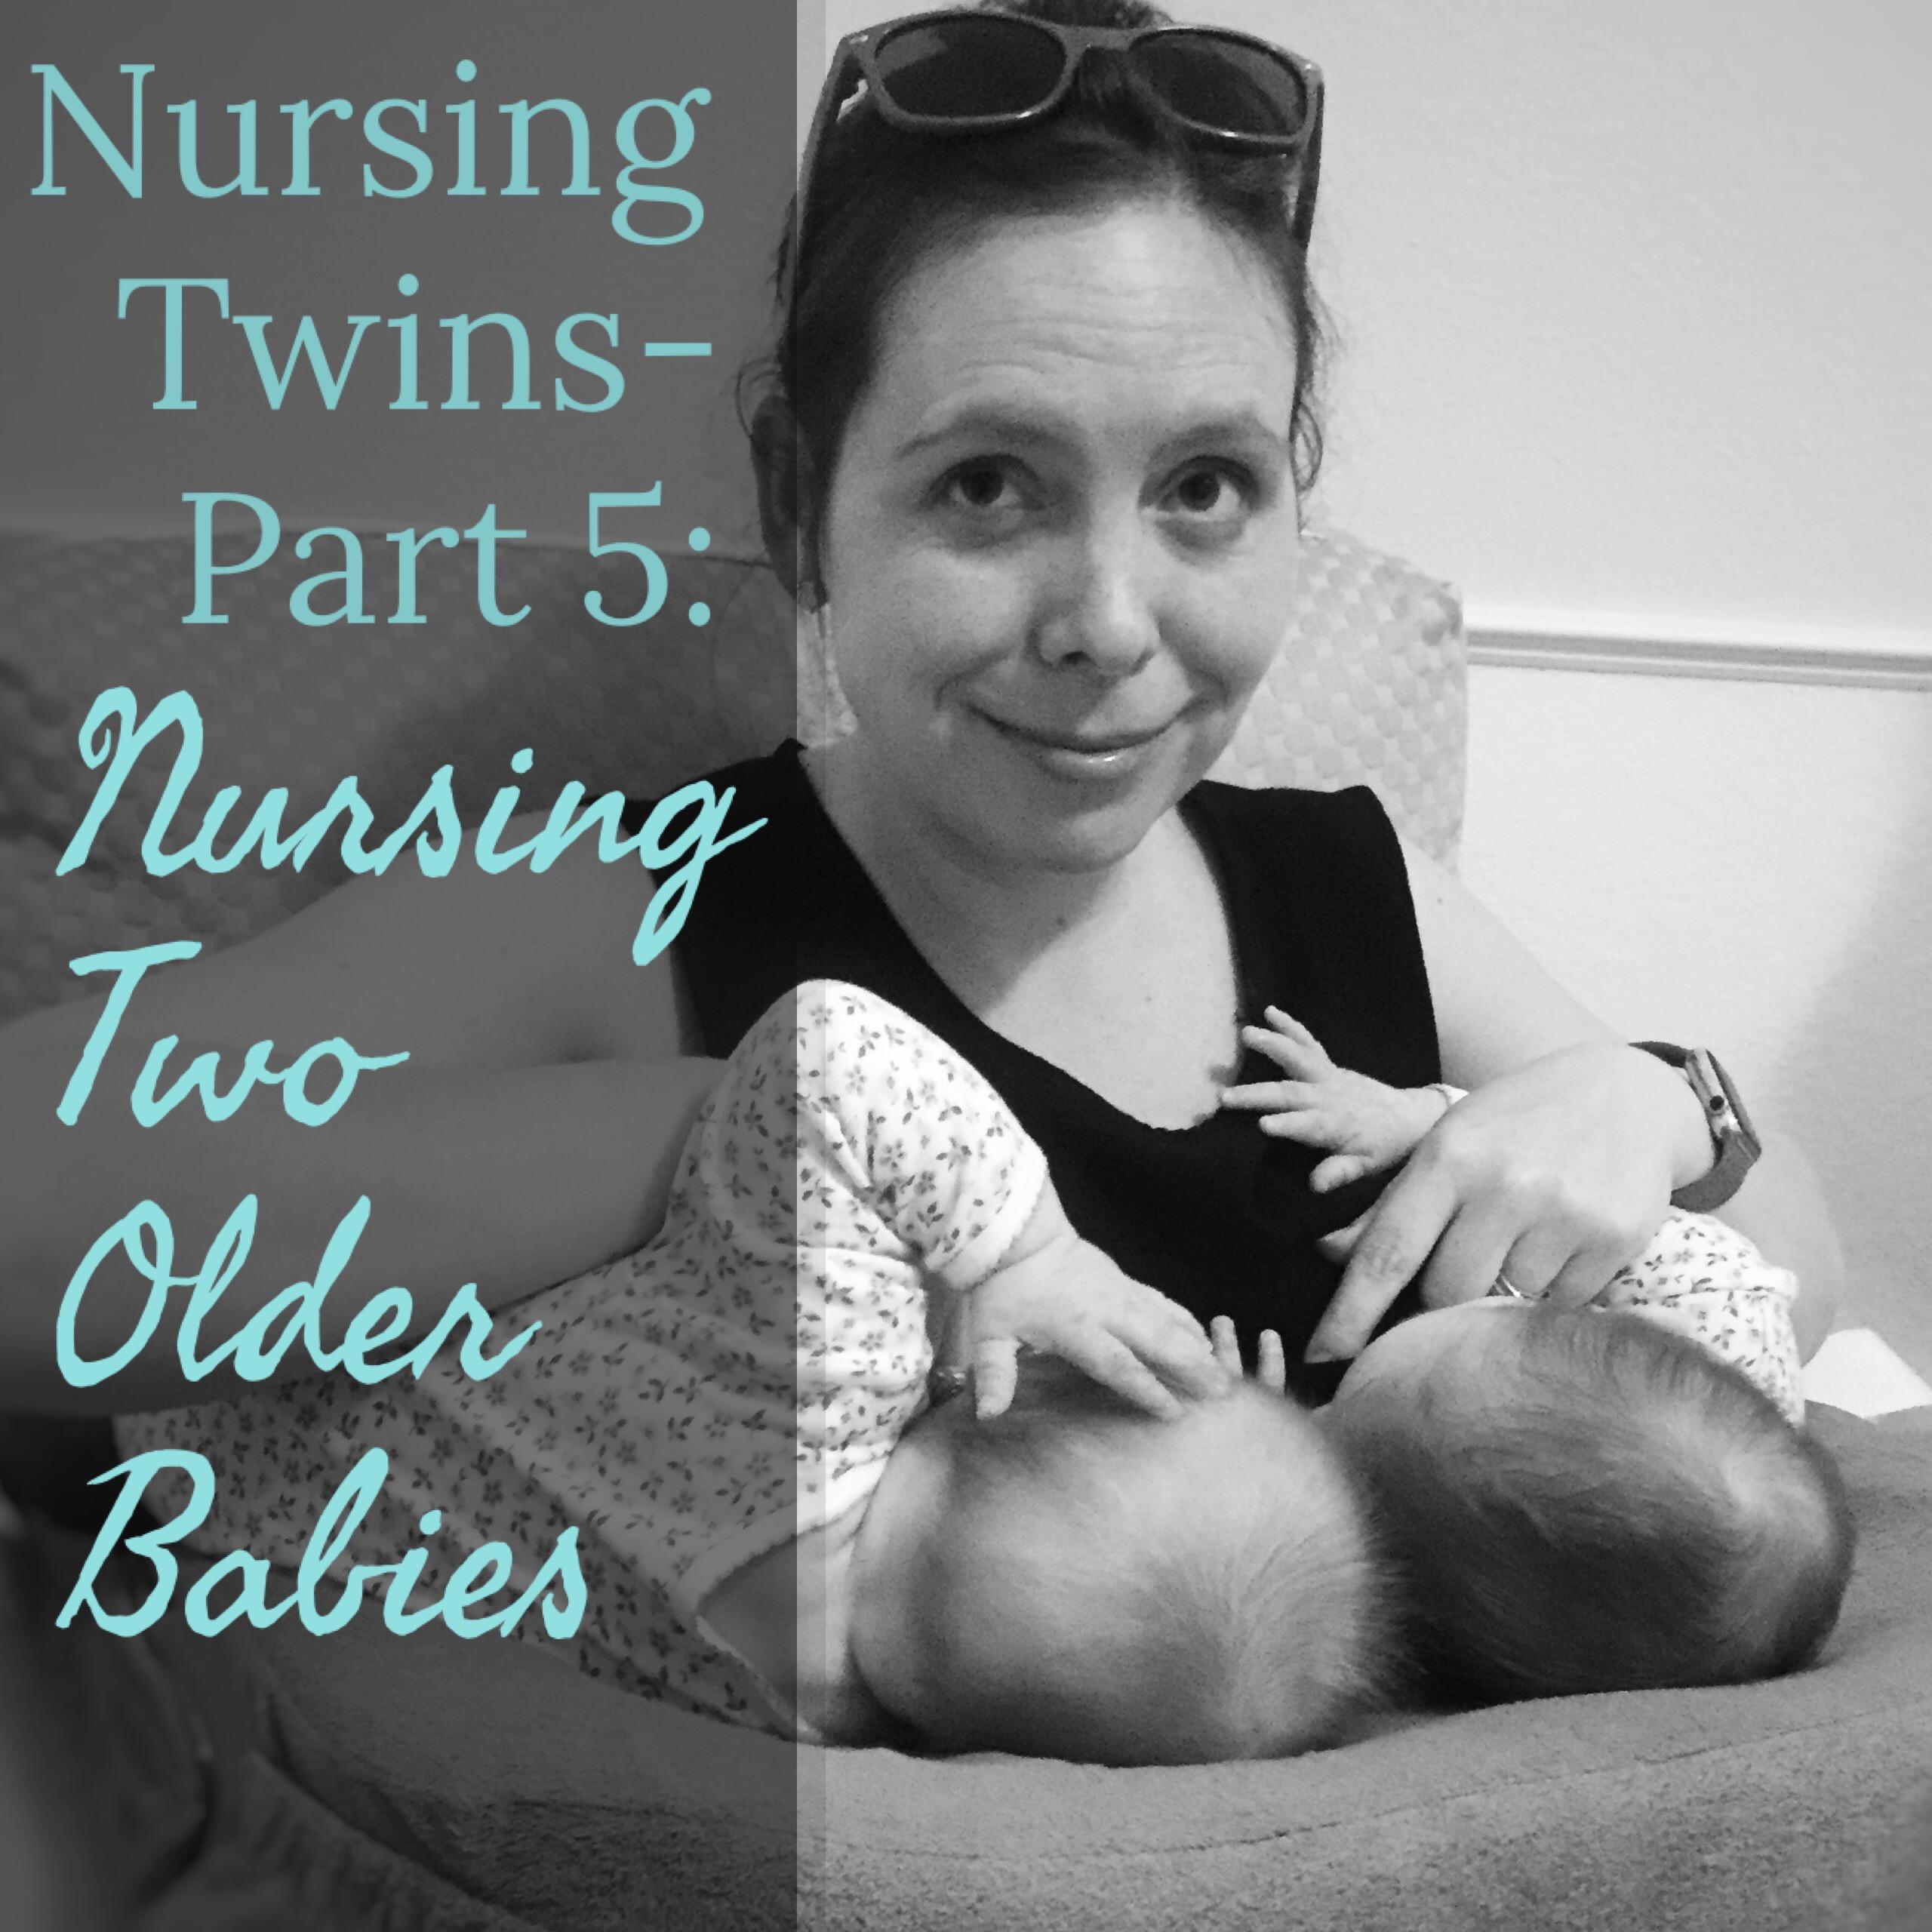 Nursing 2 скачать